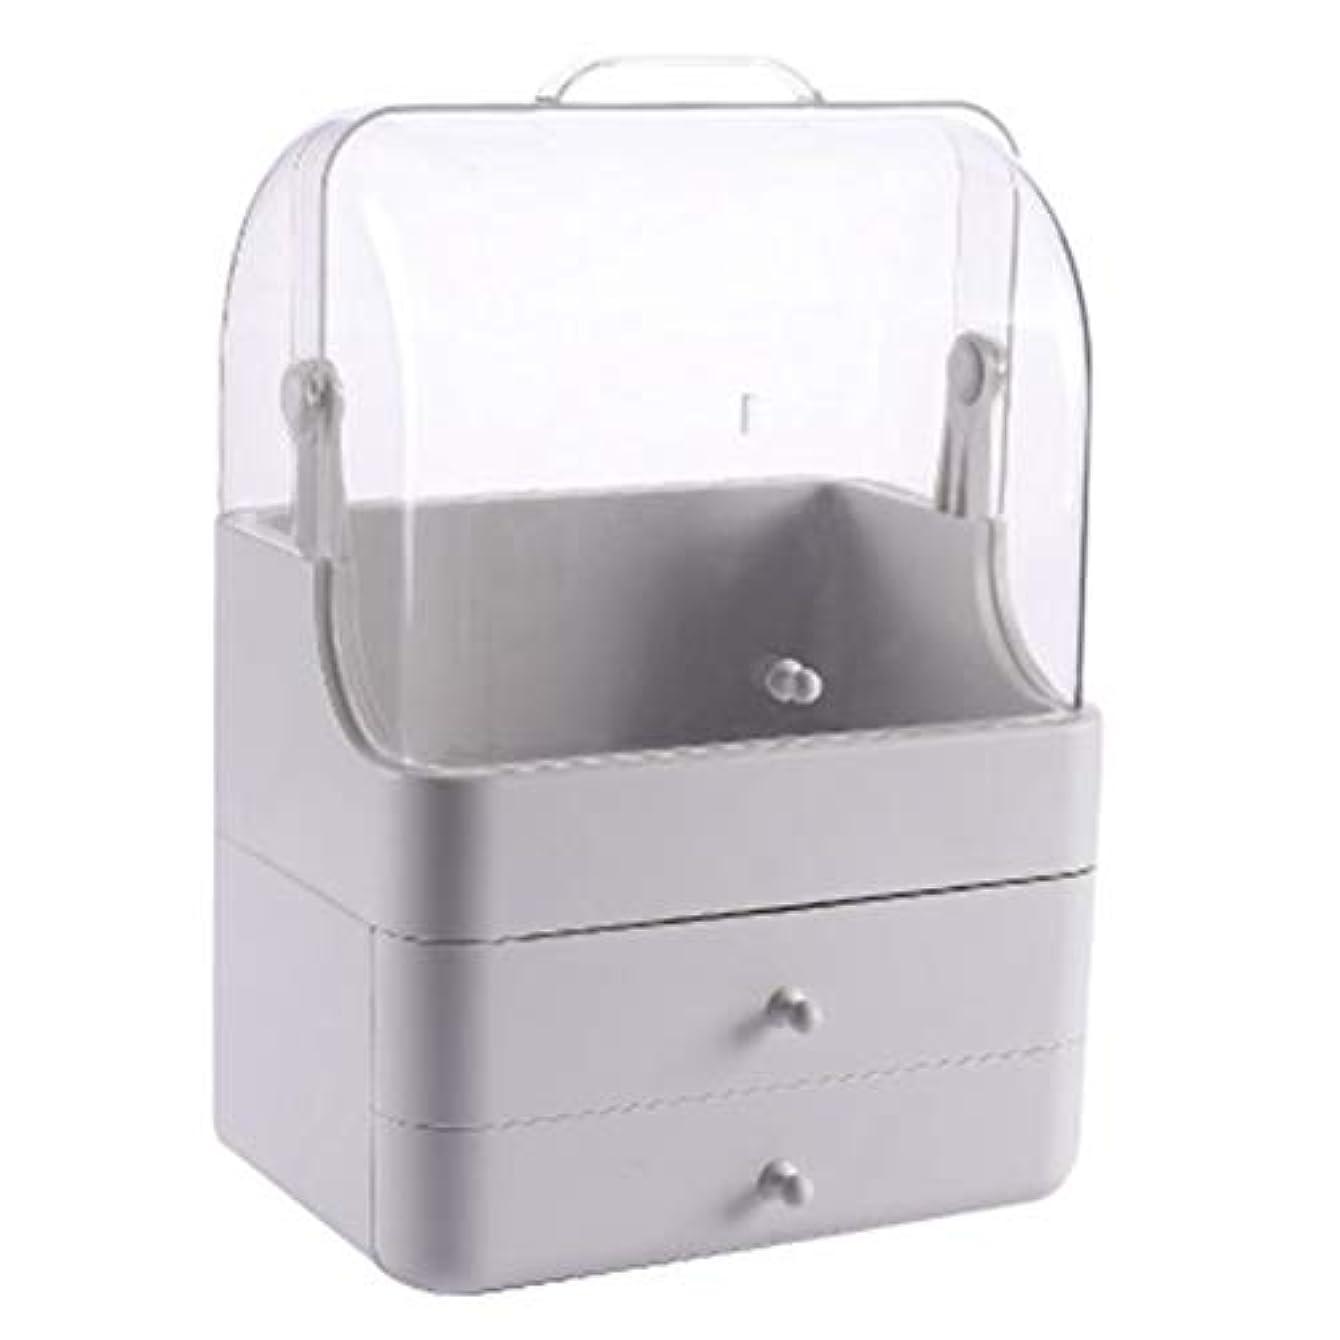 属するソーセージ相手化粧品収納ボックス メイクボック コスメ収納 3段式 アクセサリボックス 多容量 引き出し式 整理簡単 持ち運び 蓋付き 防塵防水 透明 機能性 スキンケア用品 小物入れ 卓上収納 軽量